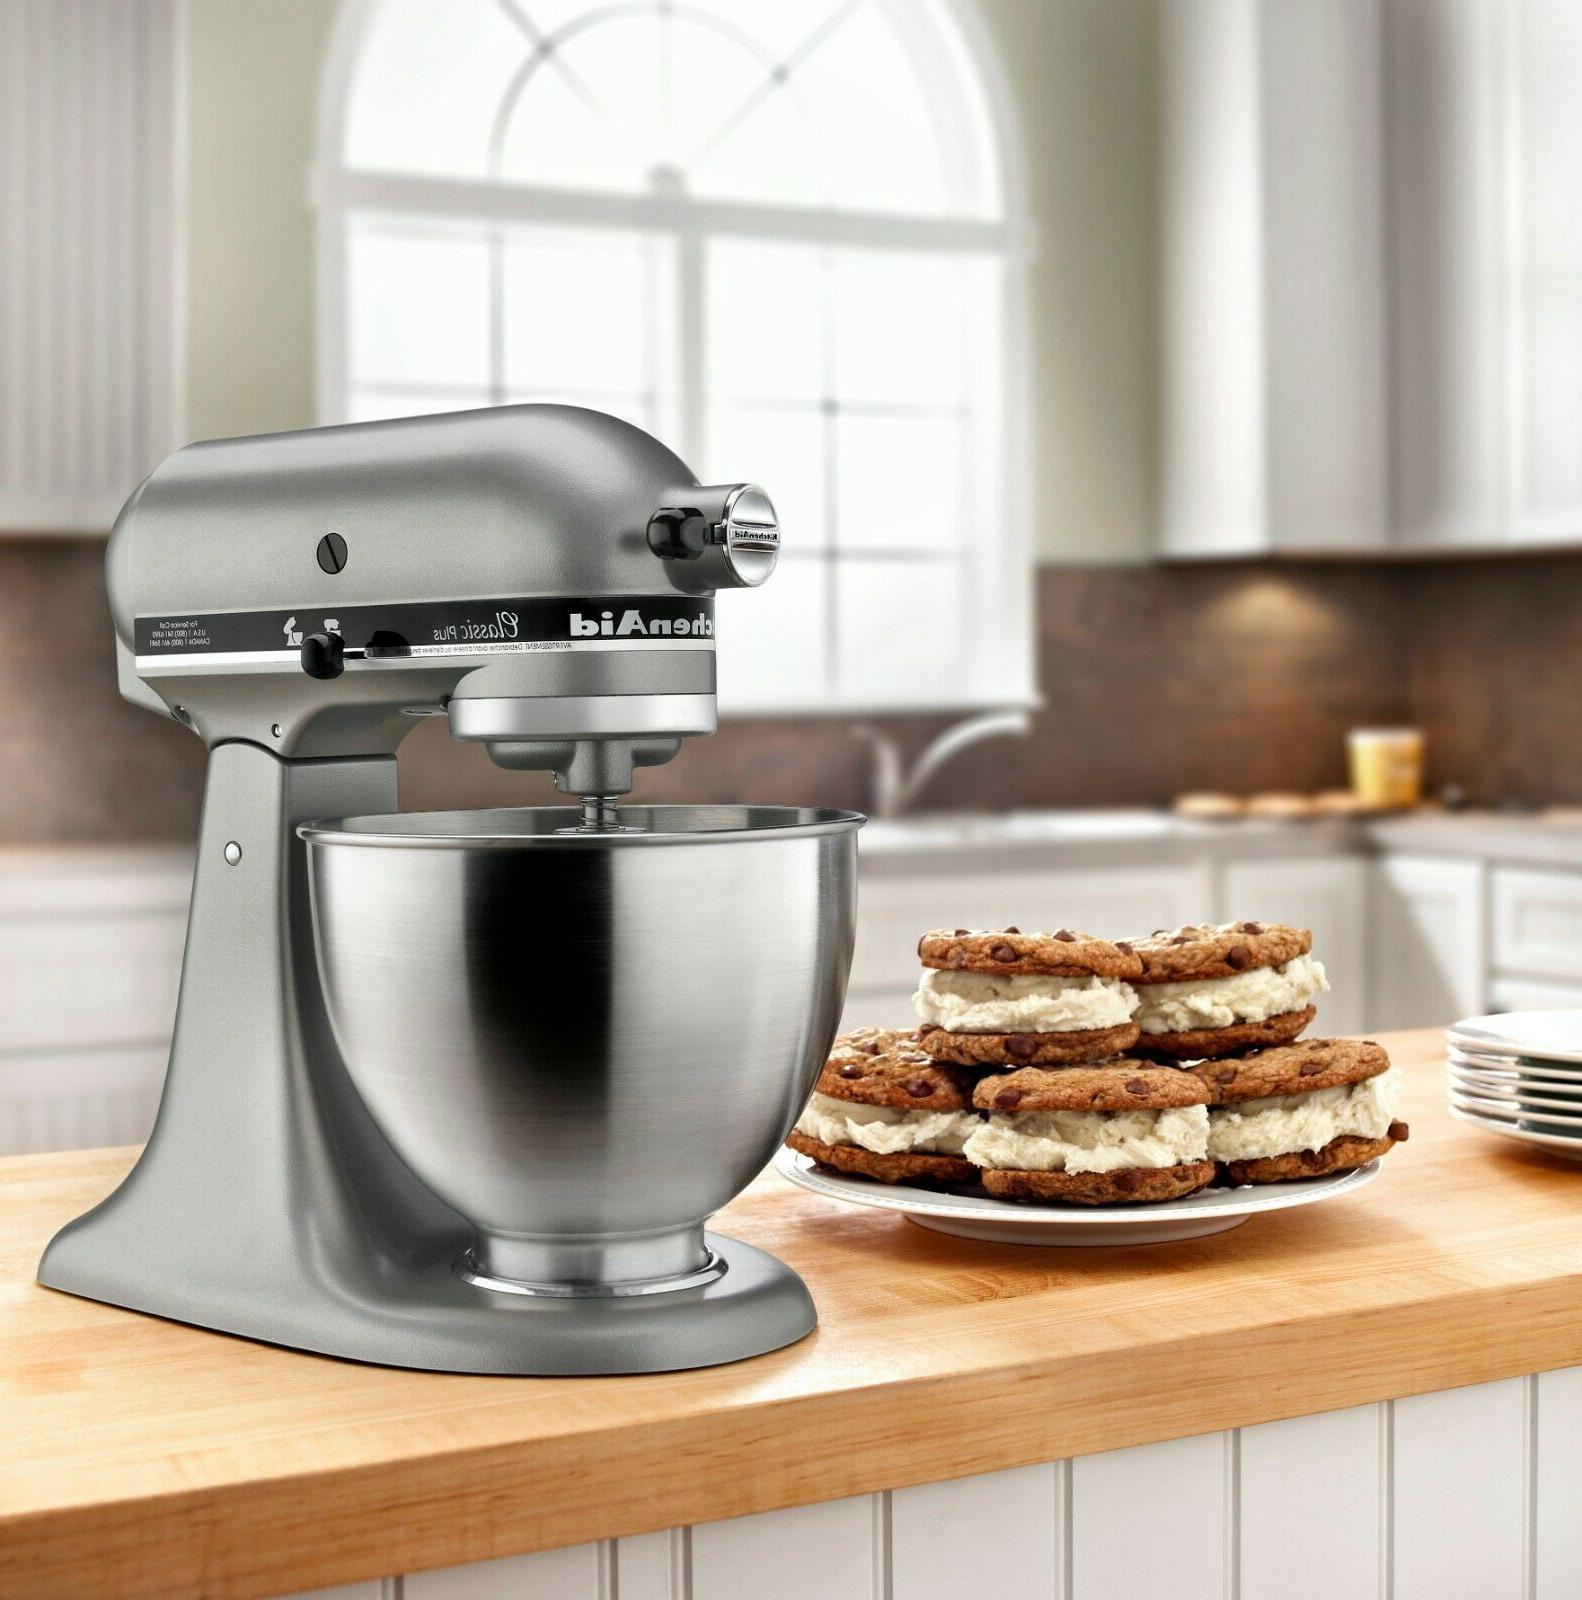 KitchenAid® Classic 4.5 Quart Tilt-Head Mixer